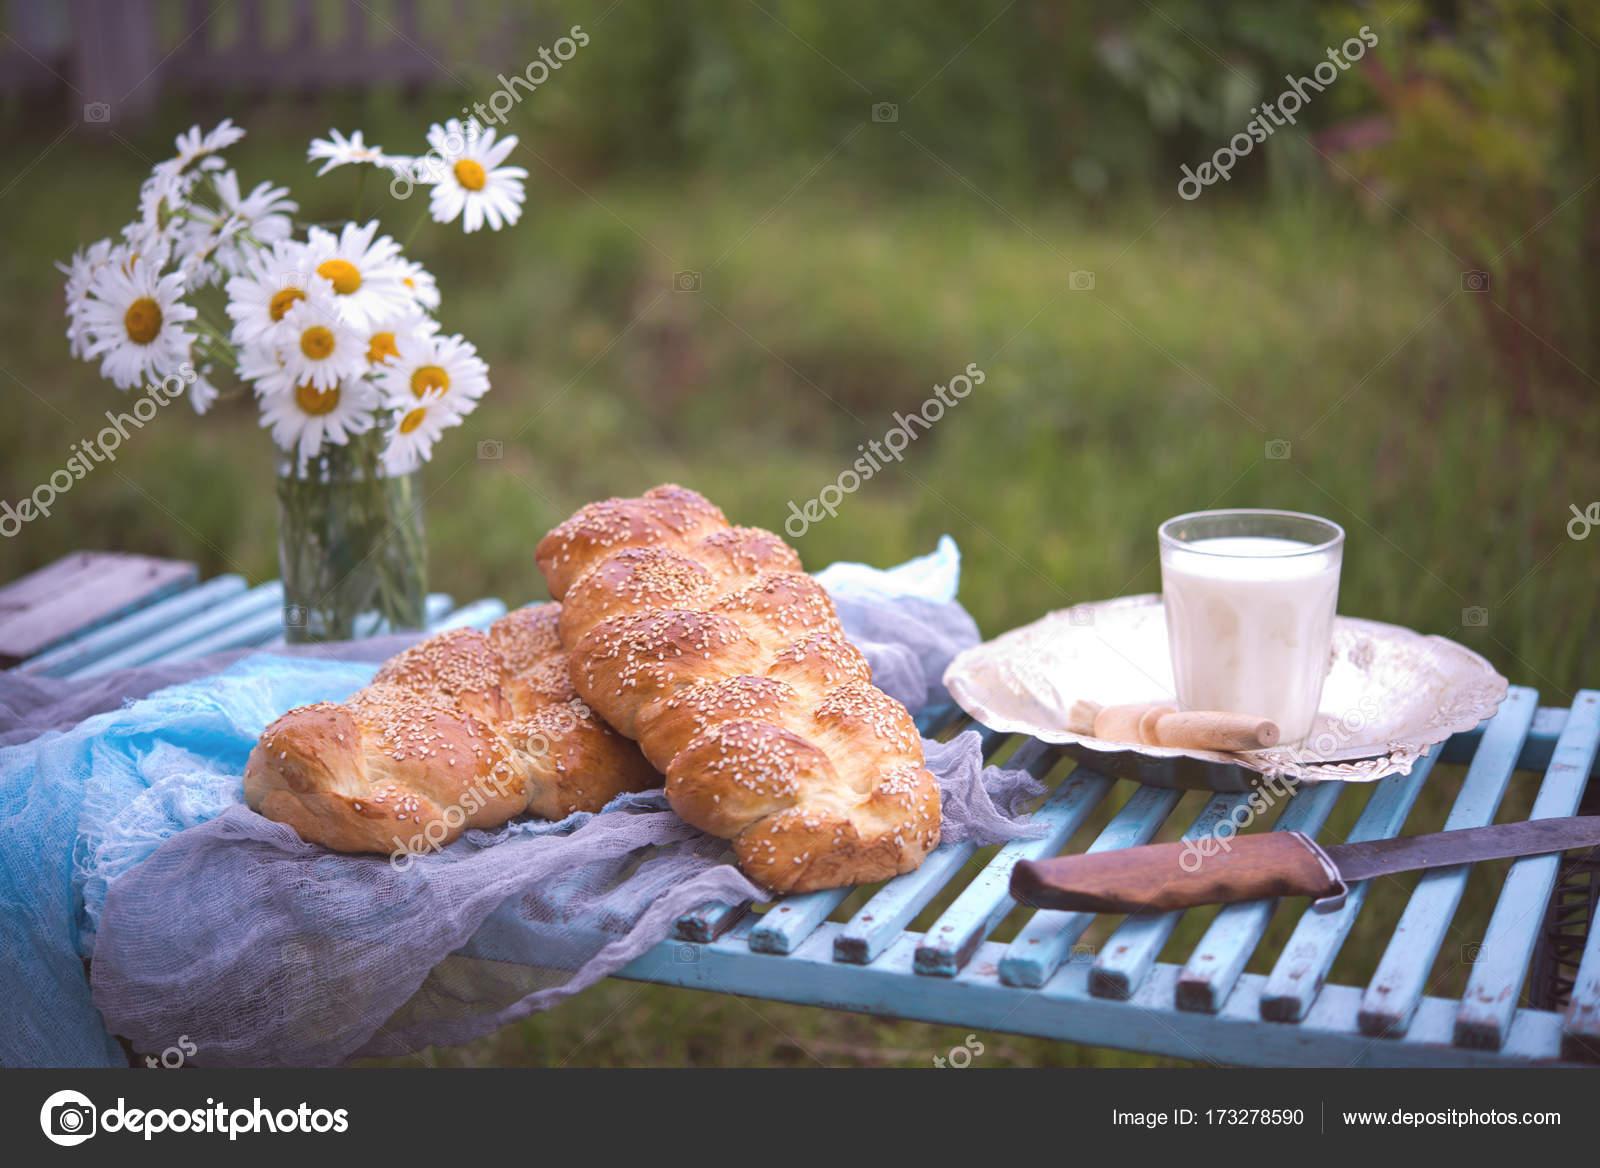 Long pain blé nouvellement cuit à l\u0027extérieur. Challah juif. Pain long une  tresse de sésame sur une table en bois bleue dans la rue \u2014 Image de Gekachka